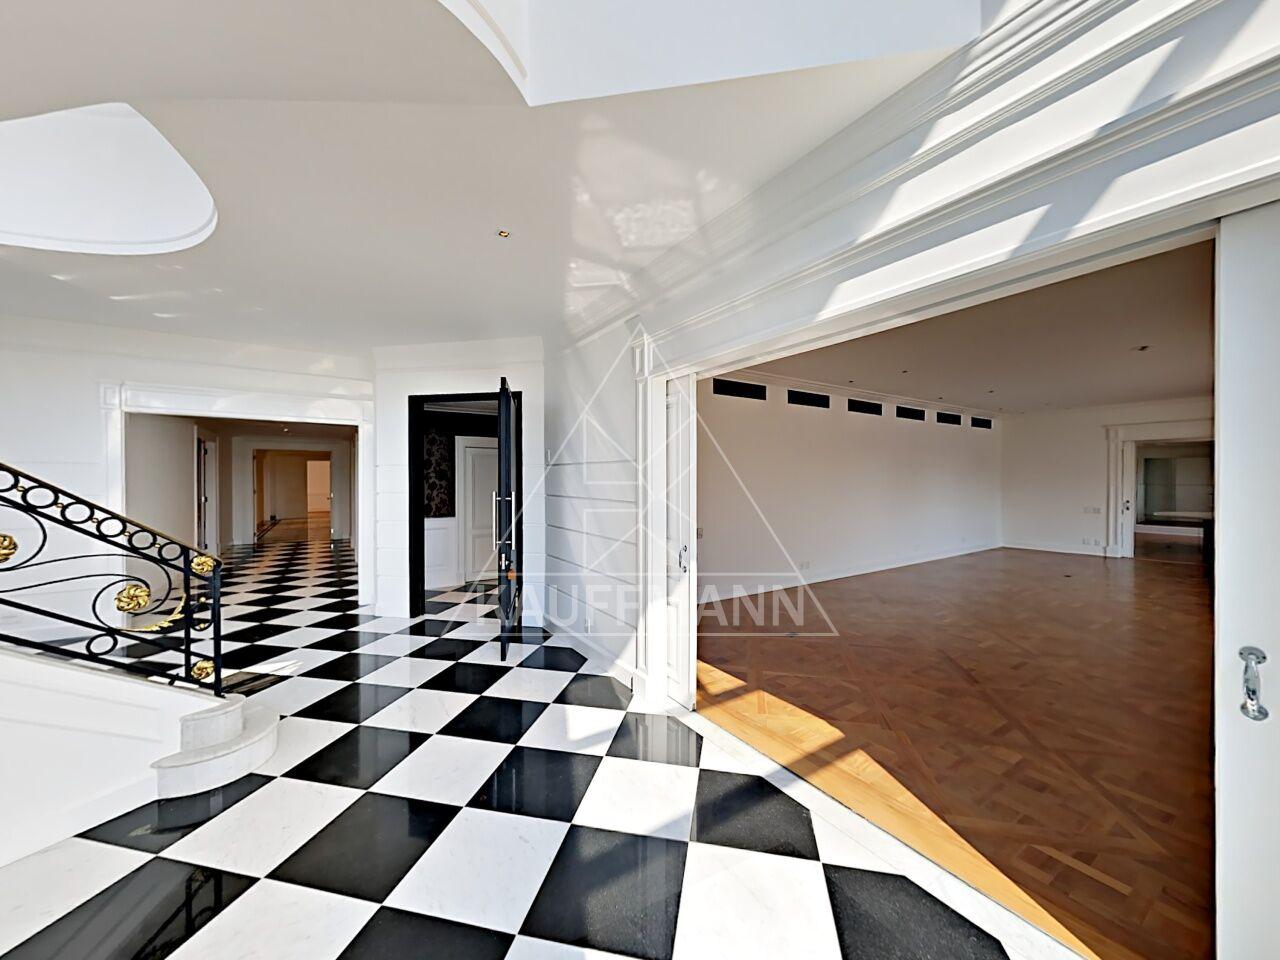 apartamento-venda-sao-paulo-jardim-america-regency-6dormitorios-6suites-7vagas-1099m2-Foto28